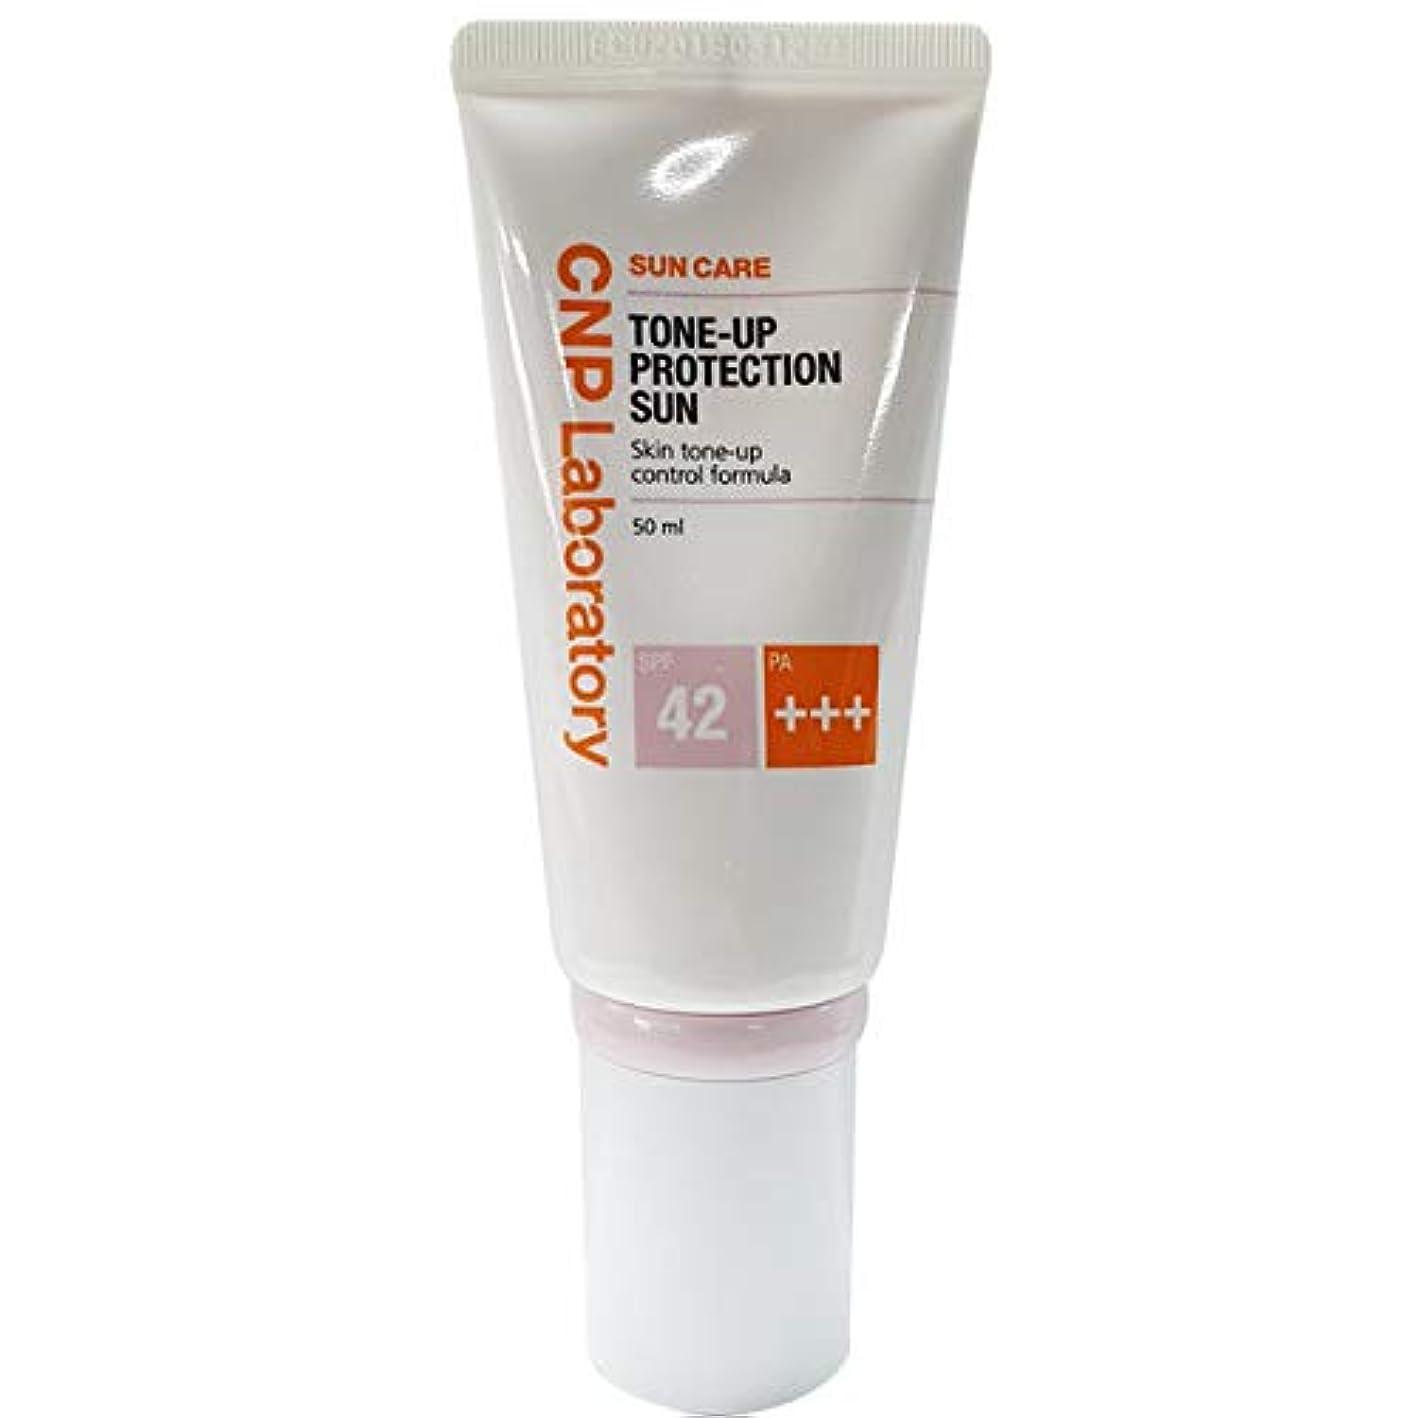 価格バウンスモジュールCNP チャアンドパク トンオププロテクションサン?クリーム紫外線遮断剤 50ml (SPF42 / PA+++)、2019 NEW, CNP Tone-up Protection Sun Cream/韓国日焼け止め